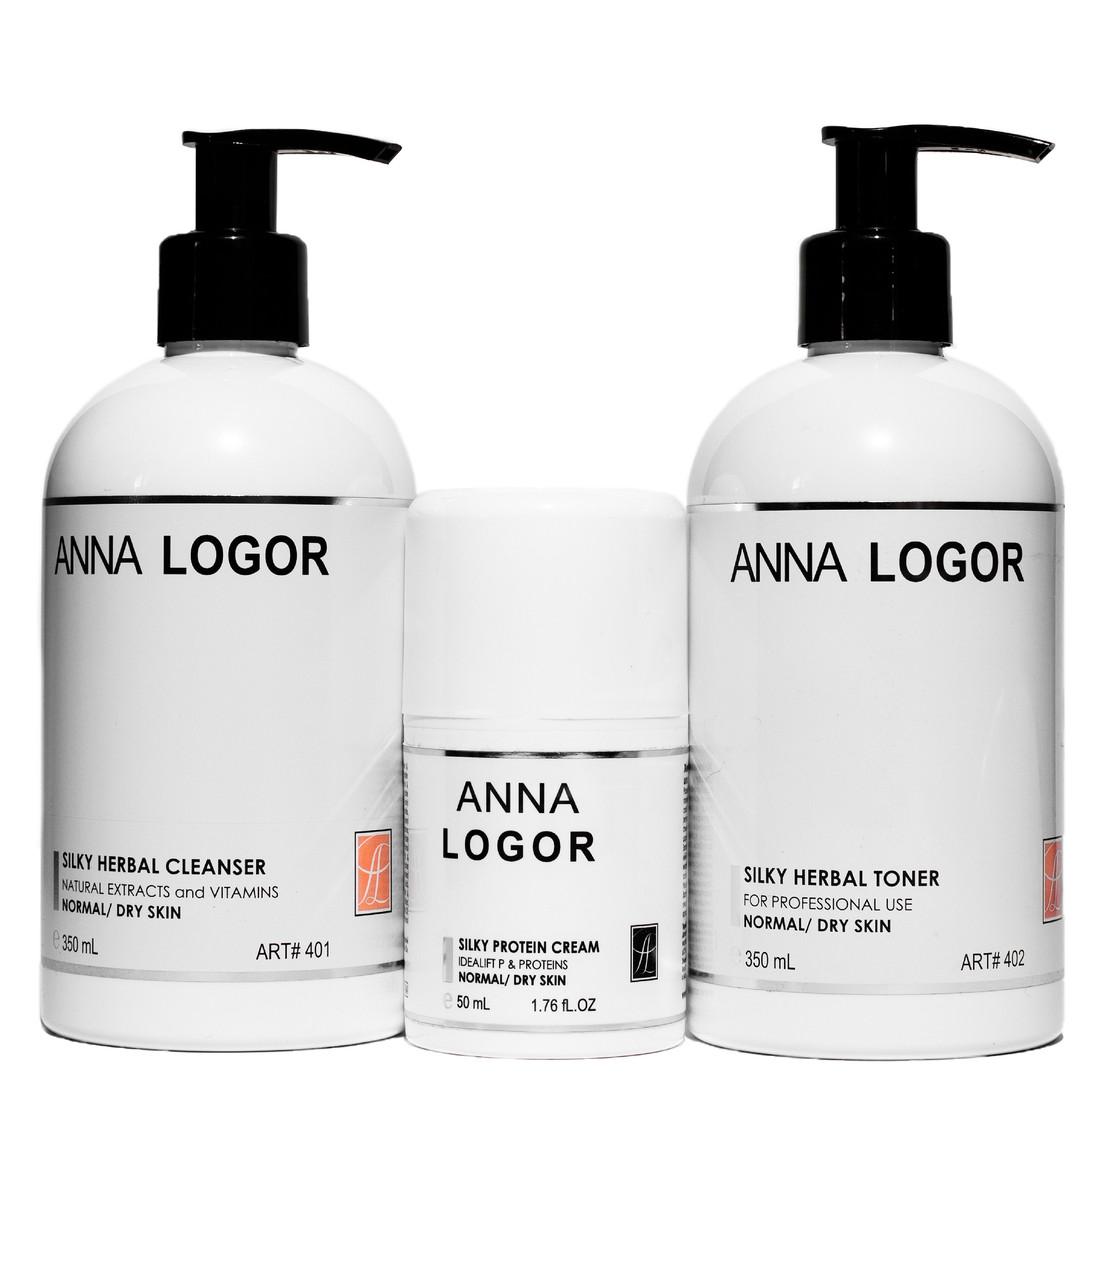 Набір косметики Anna LOGOR Базова серія для сухої шкіри Art.401 424